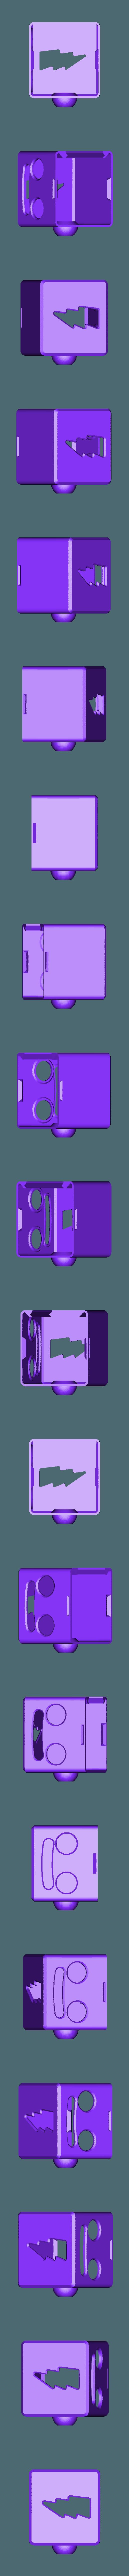 CSS-box-head-a.stl Télécharger fichier STL gratuit Distributeur de soudure à manivelle à main • Objet imprimable en 3D, Adafruit